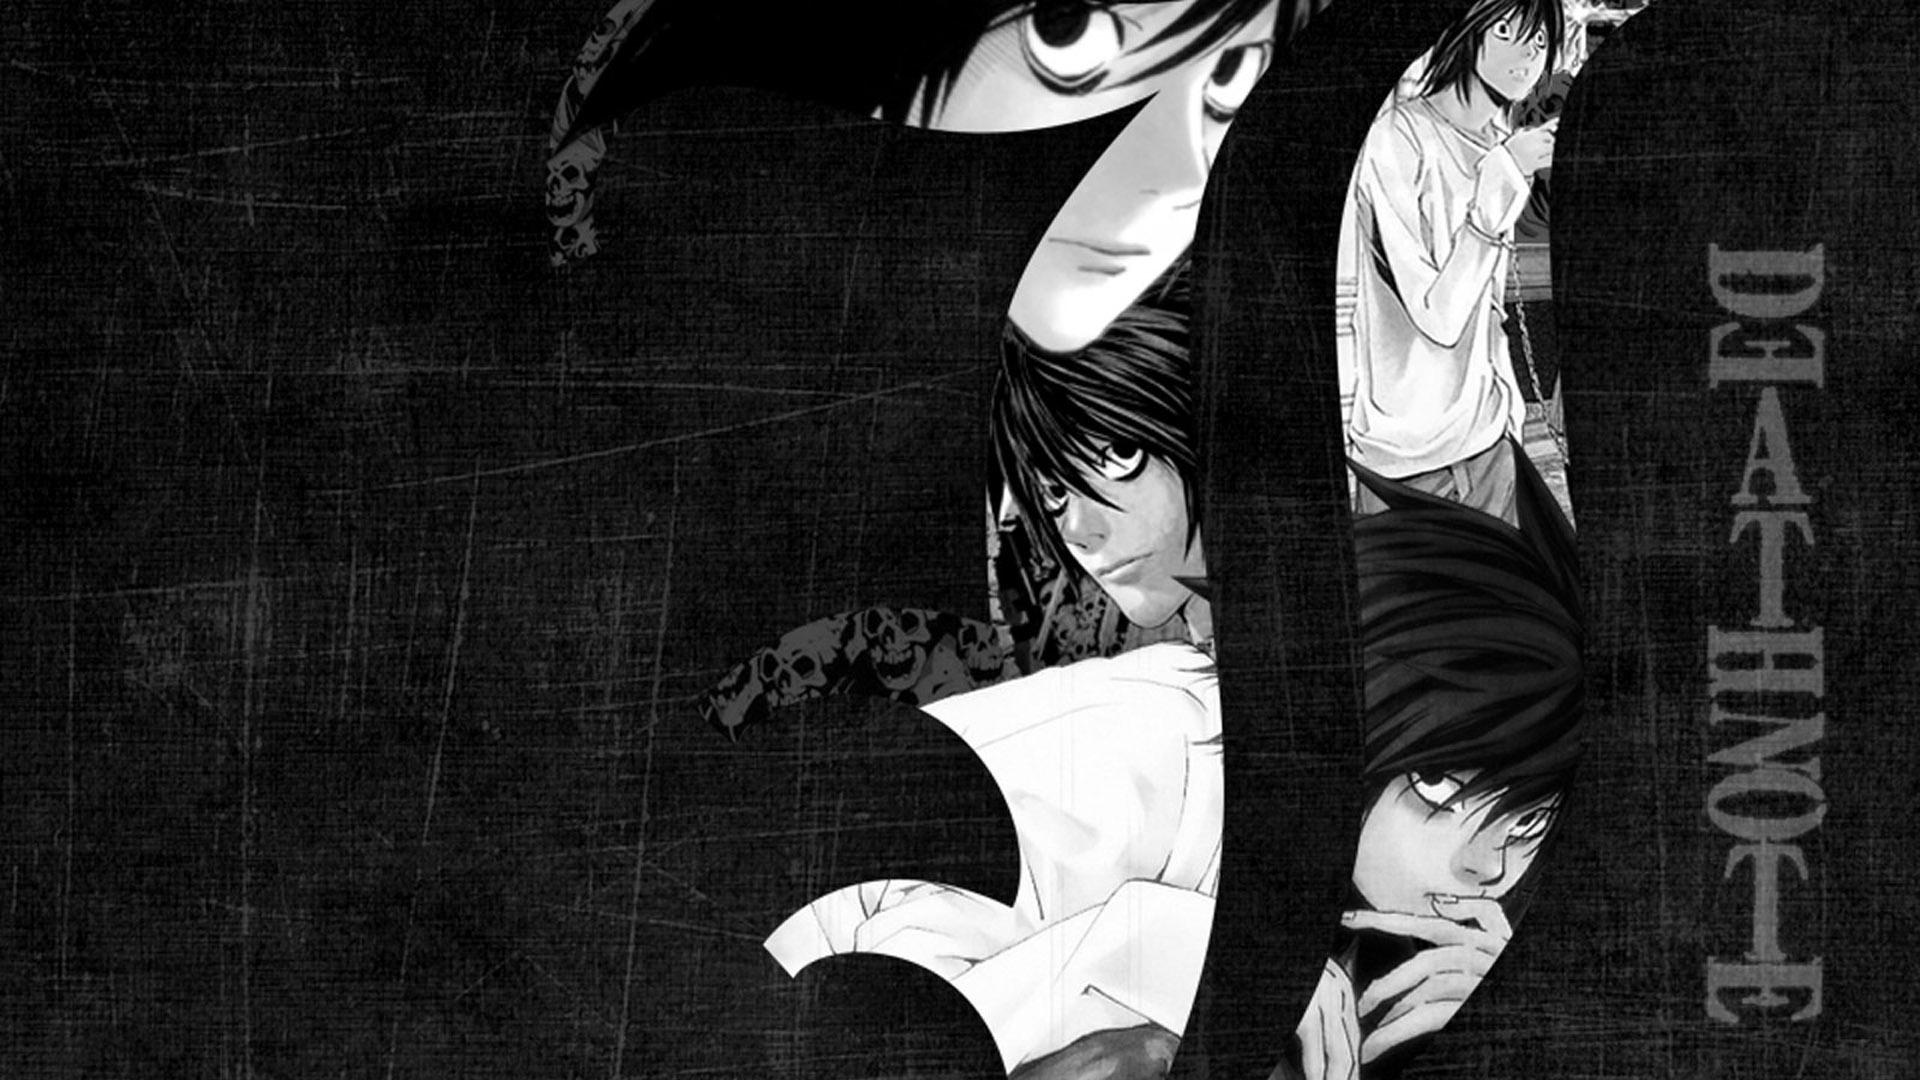 Death Note wallpaper hd